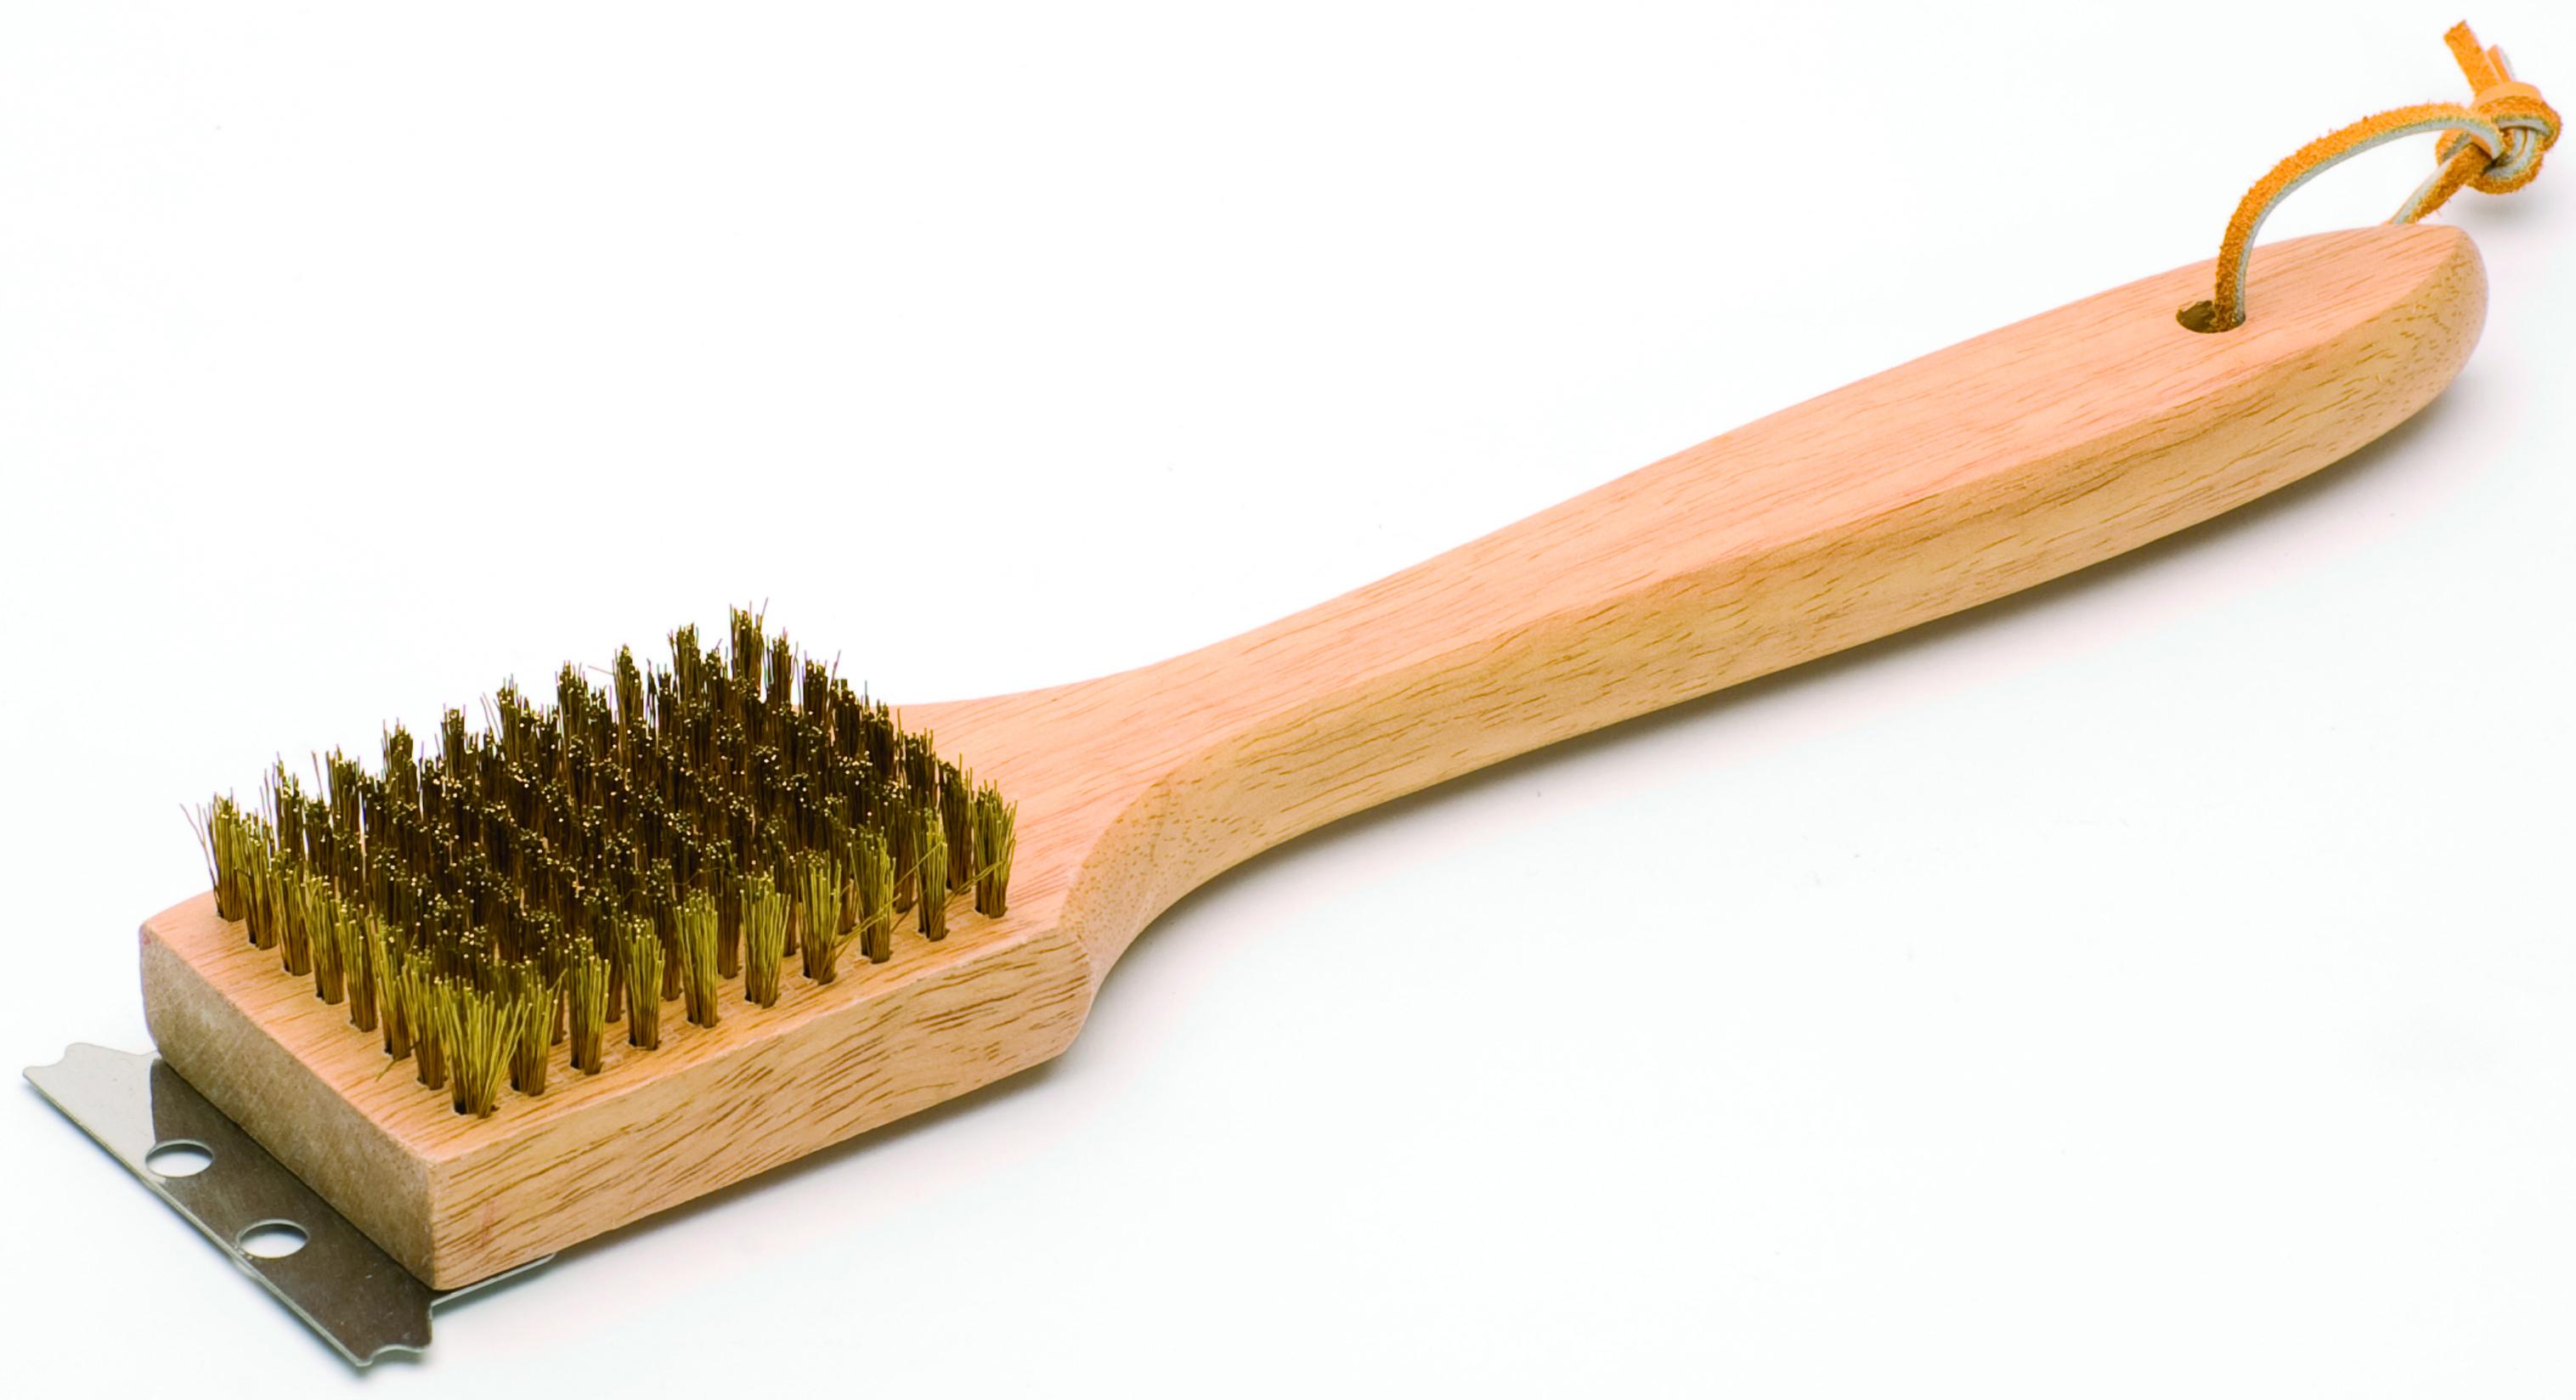 Muurikka Grillborste 31 cm